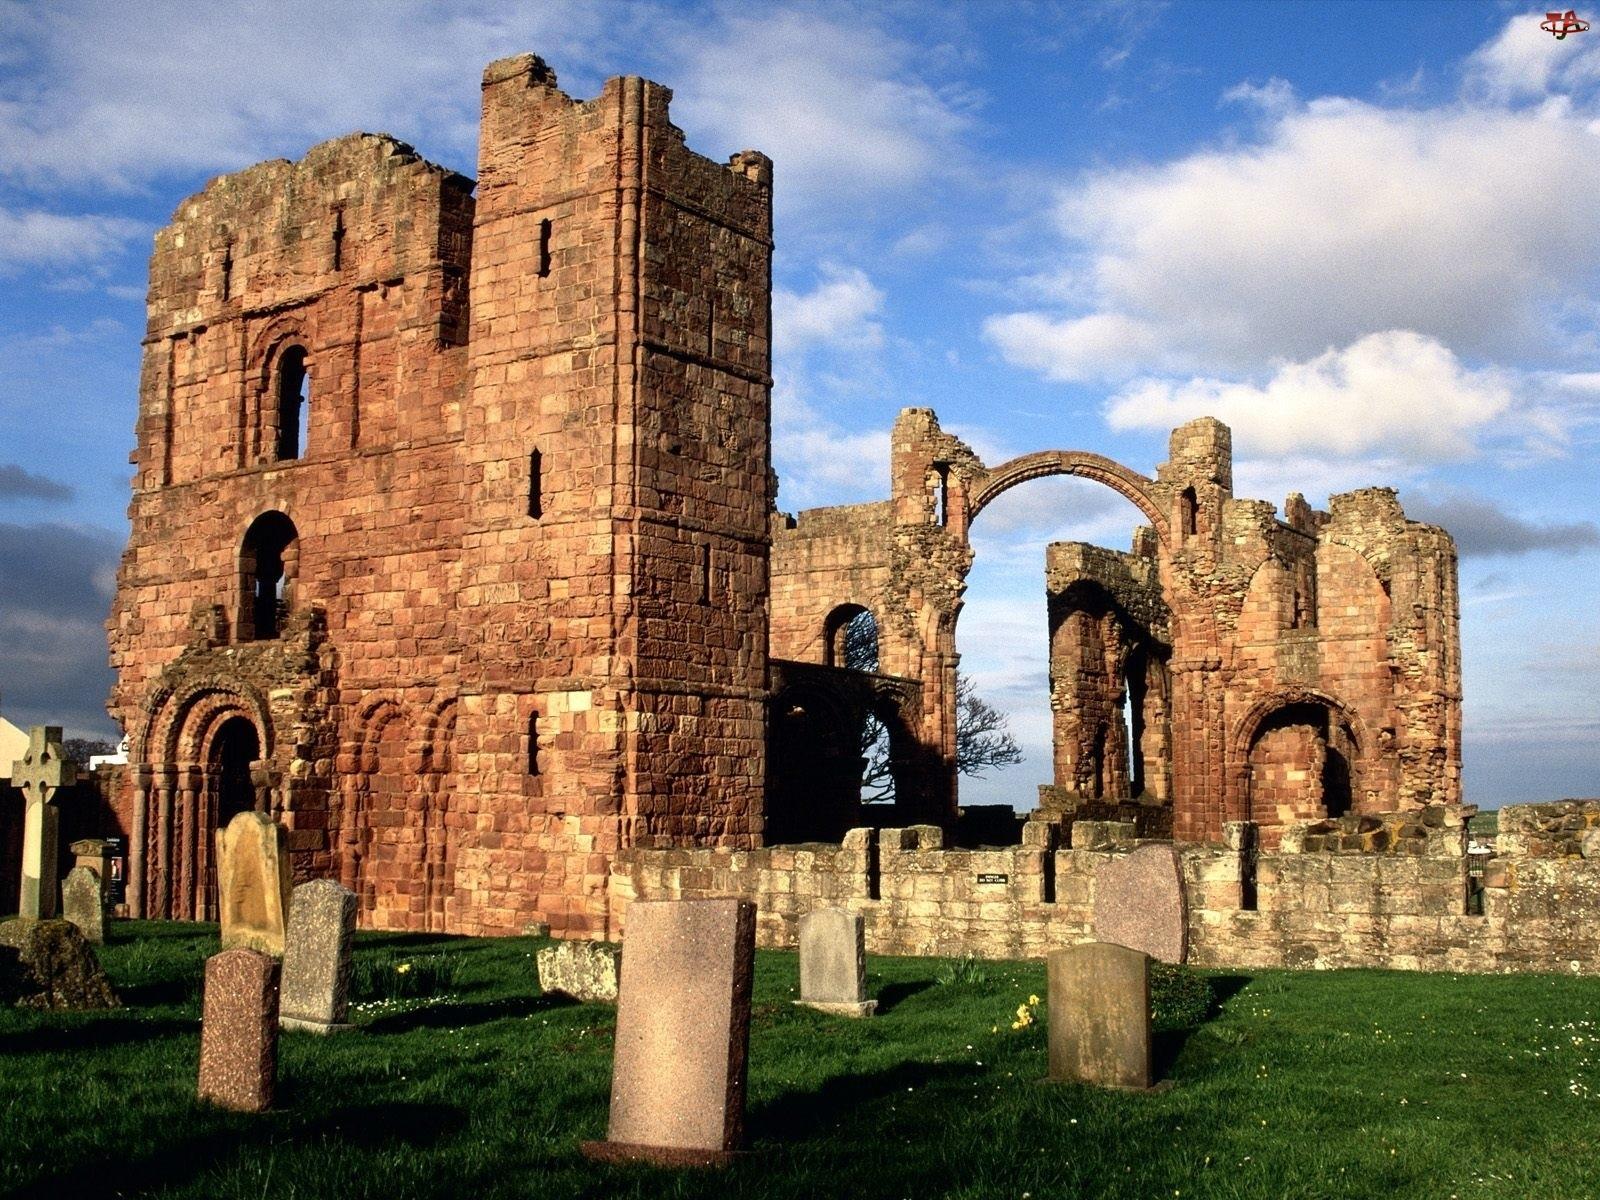 Kościoła, Cmentarz, Ruiny